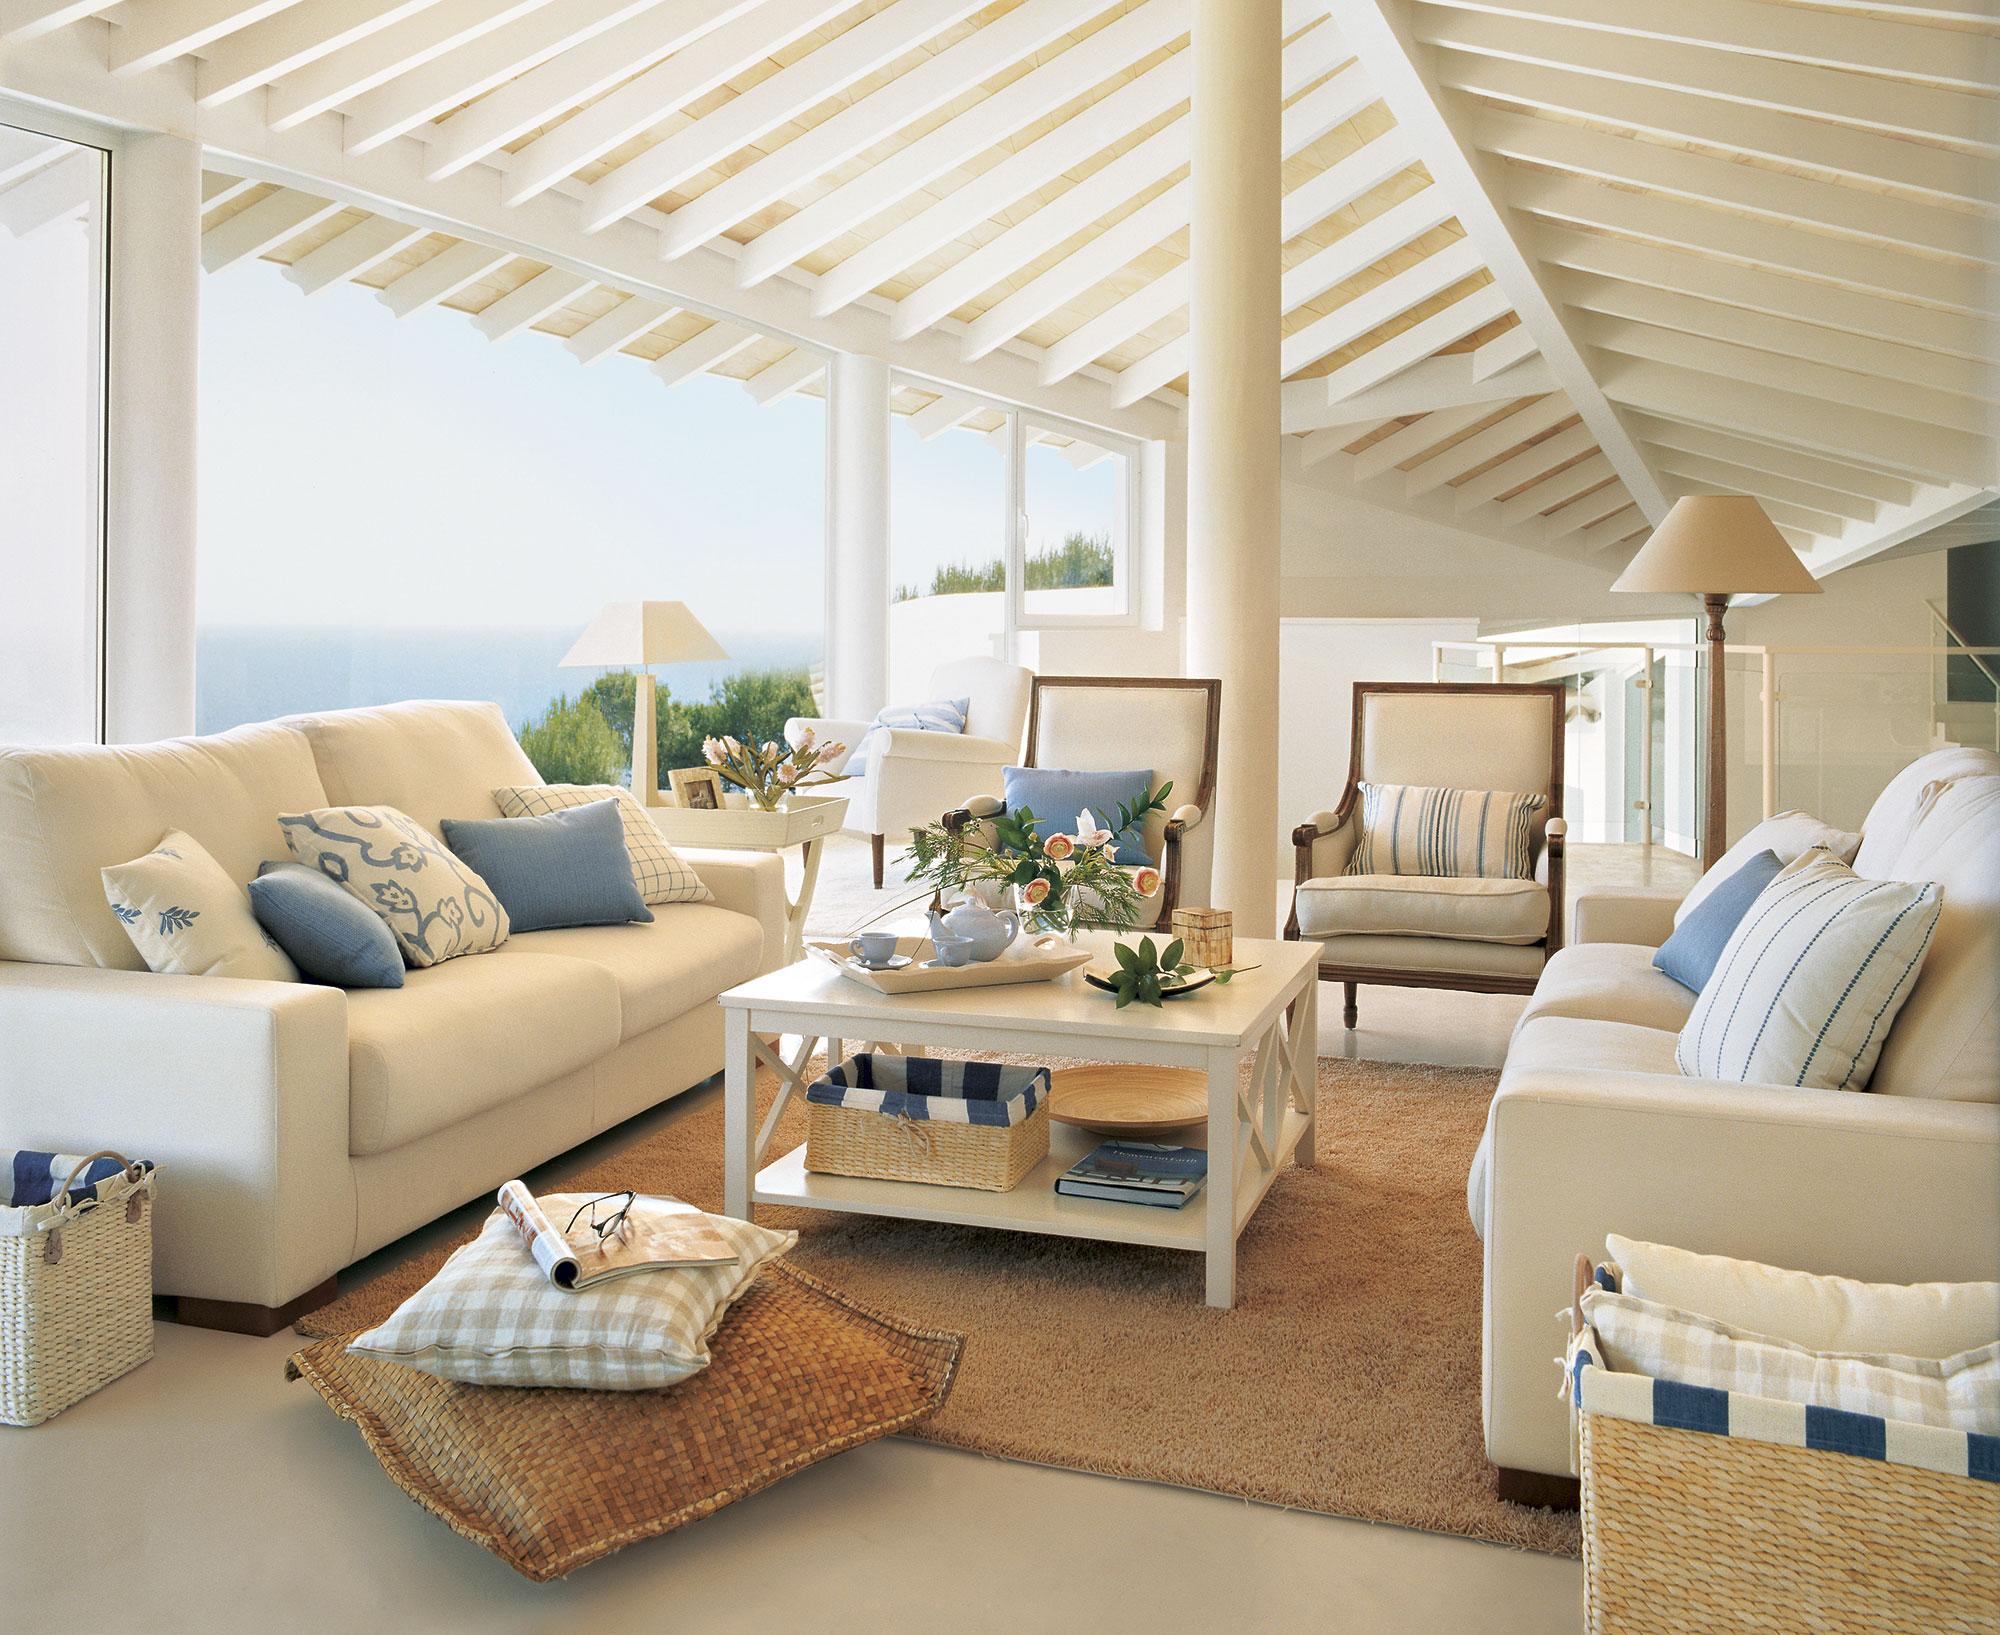 Revistas decoracion salones affordable decorar el salon - Decoracion salones en blanco ...